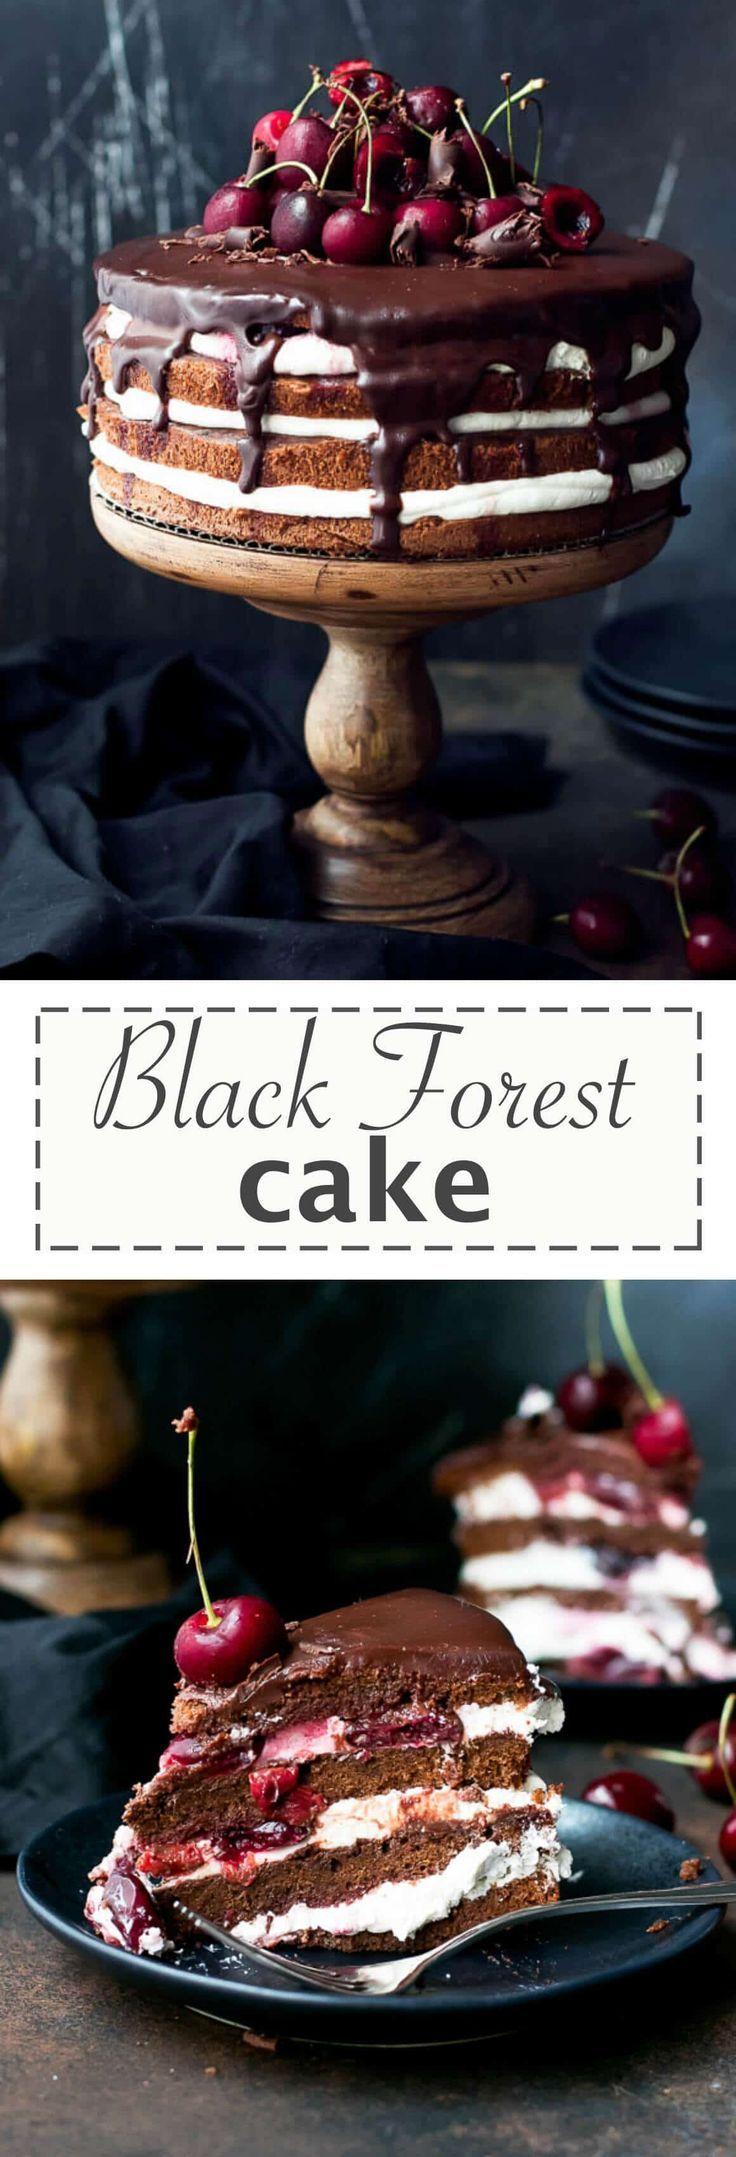 BLACK FOREST CAKE - EASY TO MAKE, WITH FRESH CHERRIER #BLACKFORESTCAKE #CHERRIES #CHERRYRECIPE